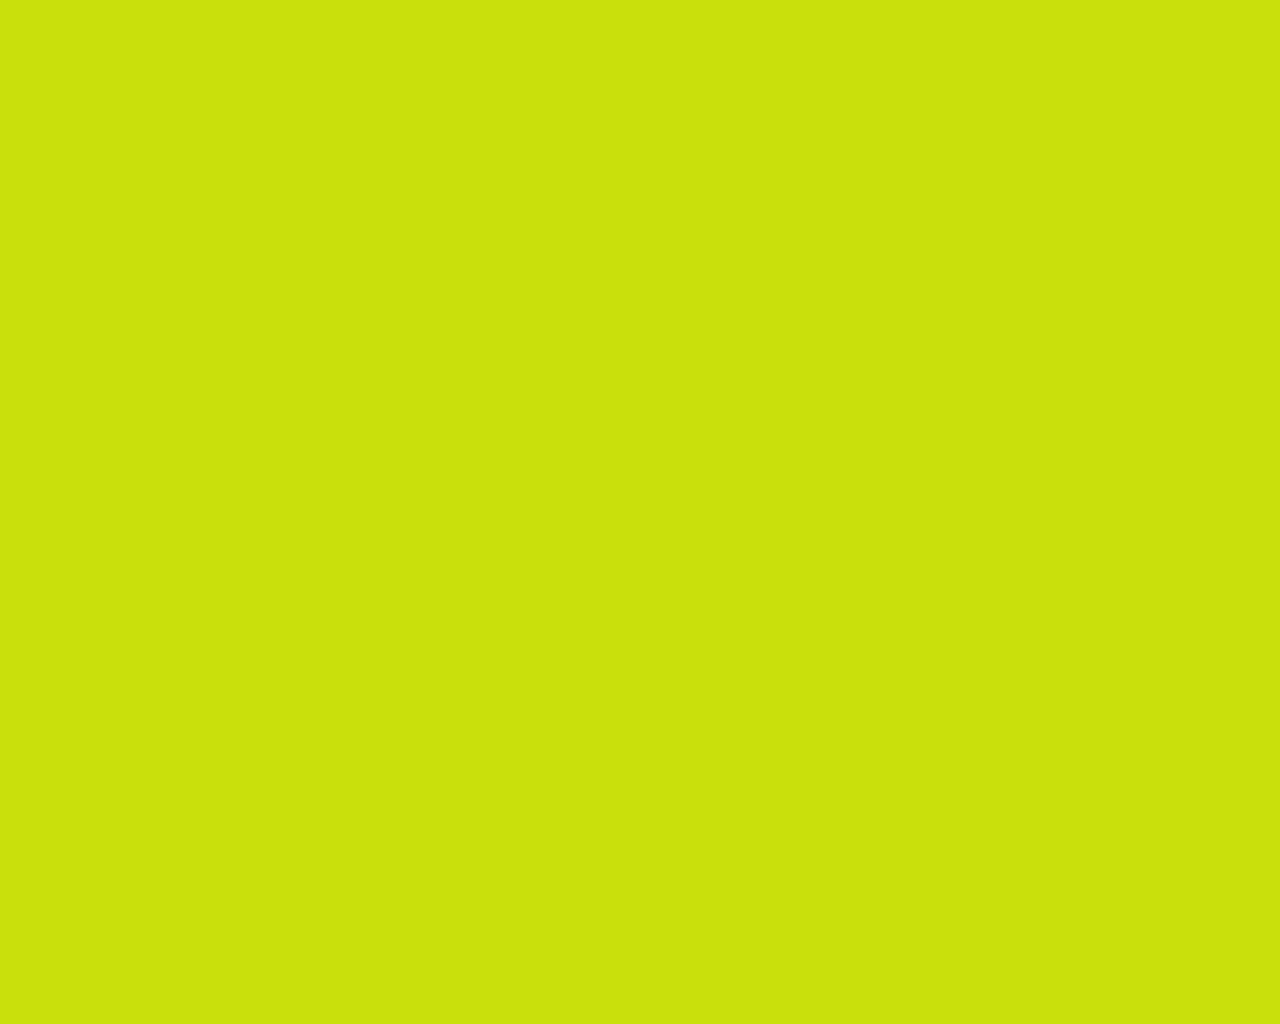 1280x1024 Bitter Lemon Solid Color Background